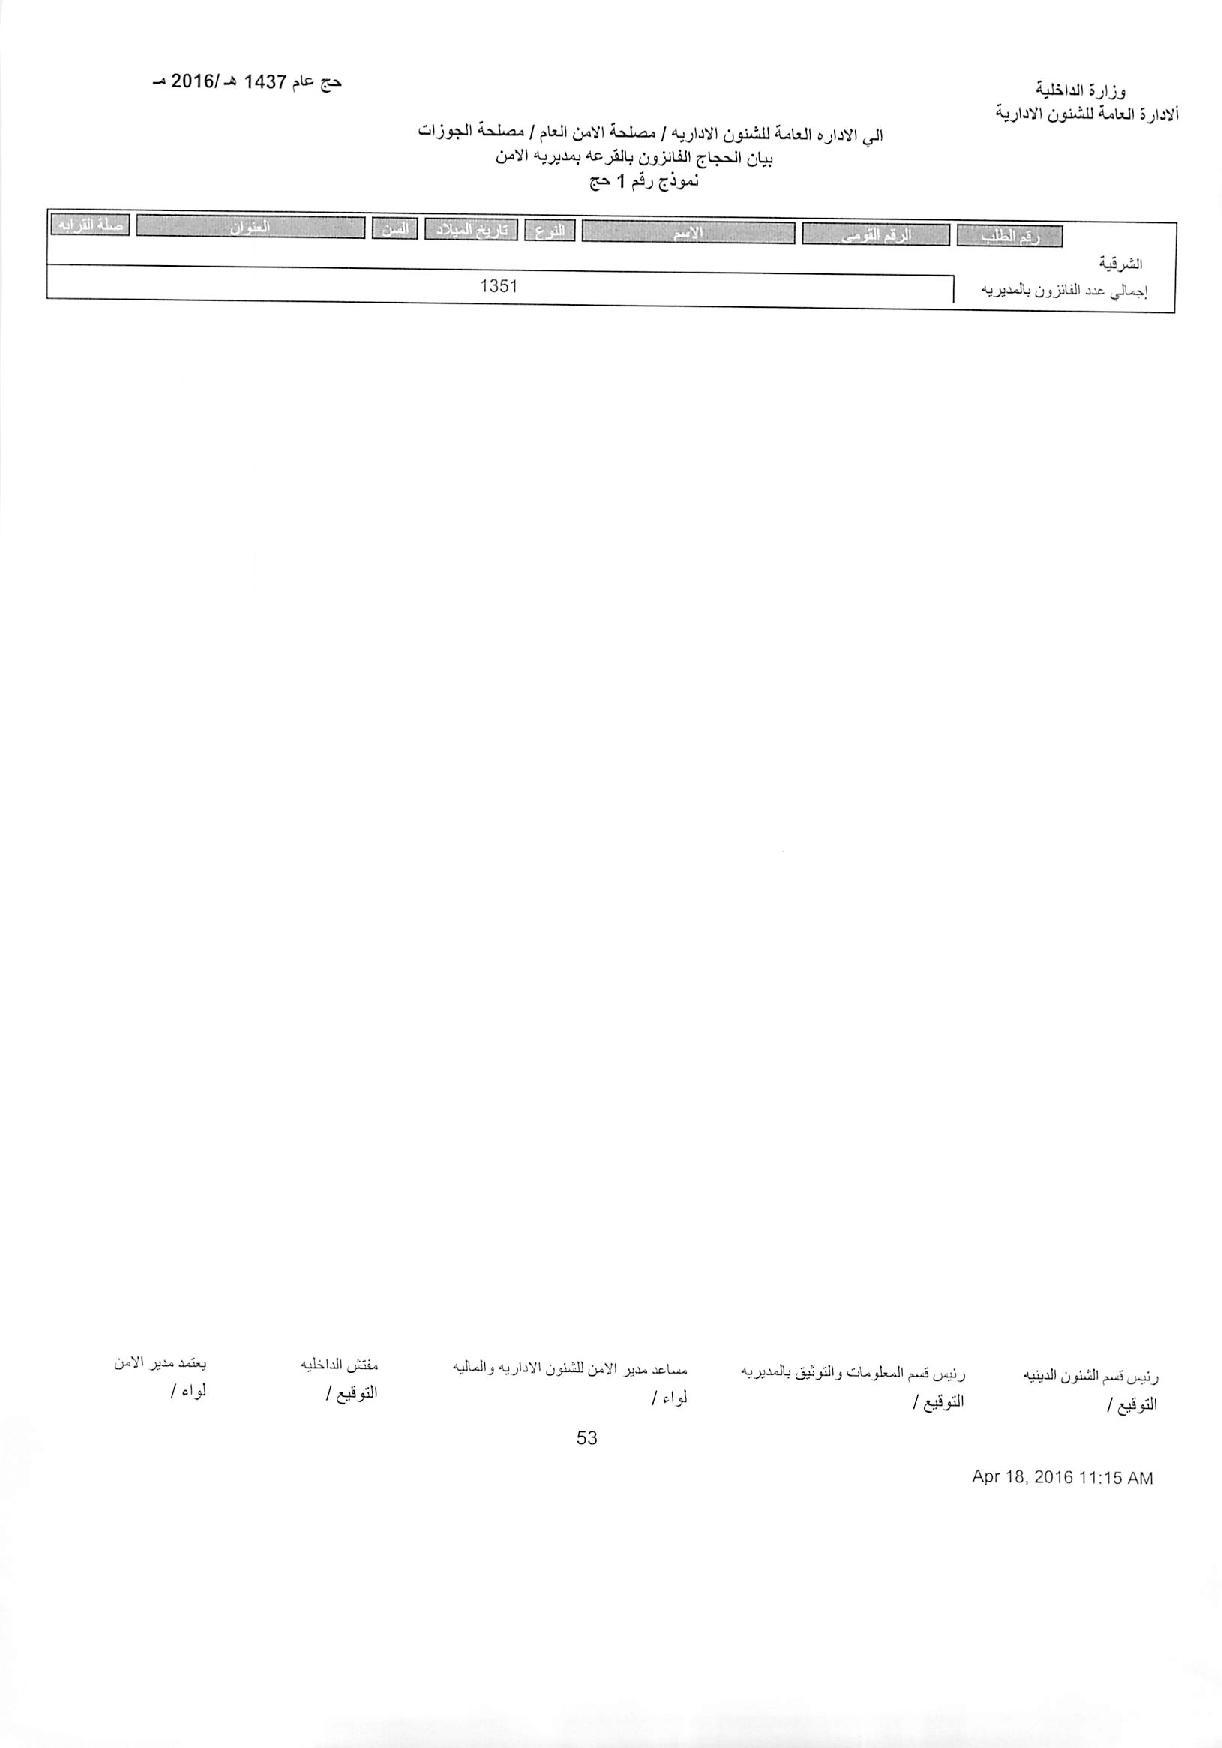 اسماء الحجاج الفائزون بالقرعة لعام 1437هـ 2016م (48)